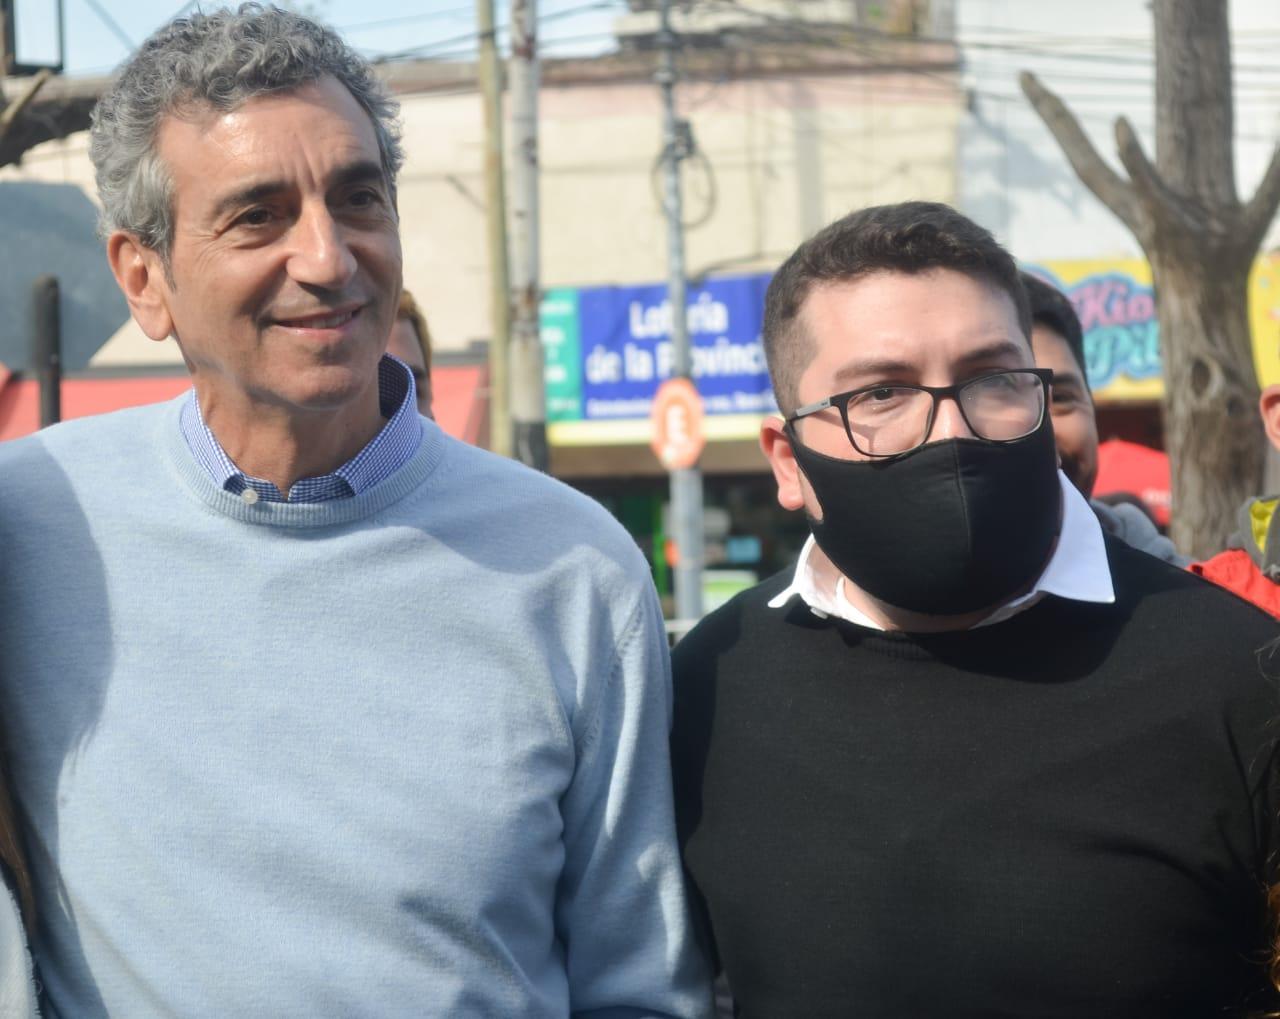 """Charly González: """"Voto bolsillo, hay que poner el acento en la economía"""""""